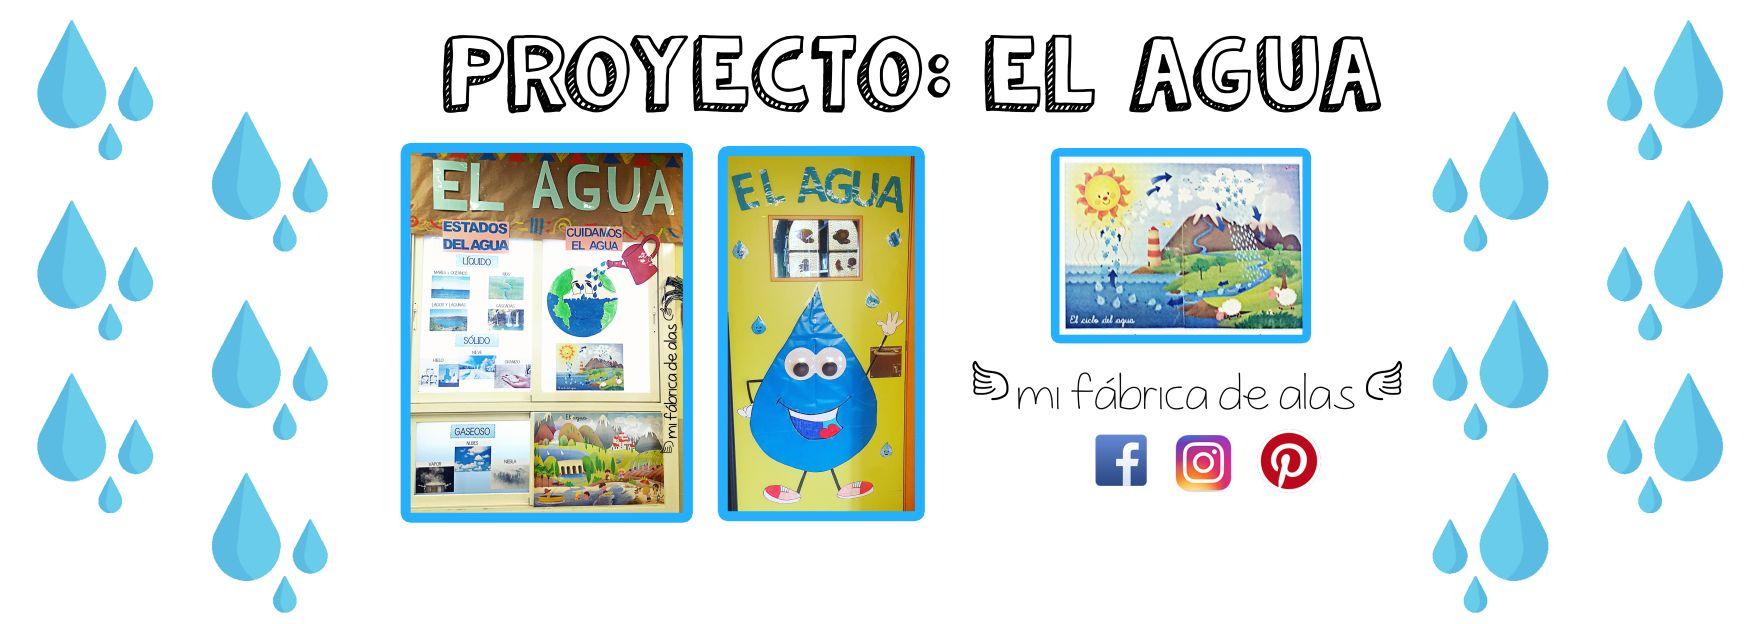 Proyecto El Agua Mi Fábrica De Alas Proyecto Agua Proyectos Educacion Infantil Fichas